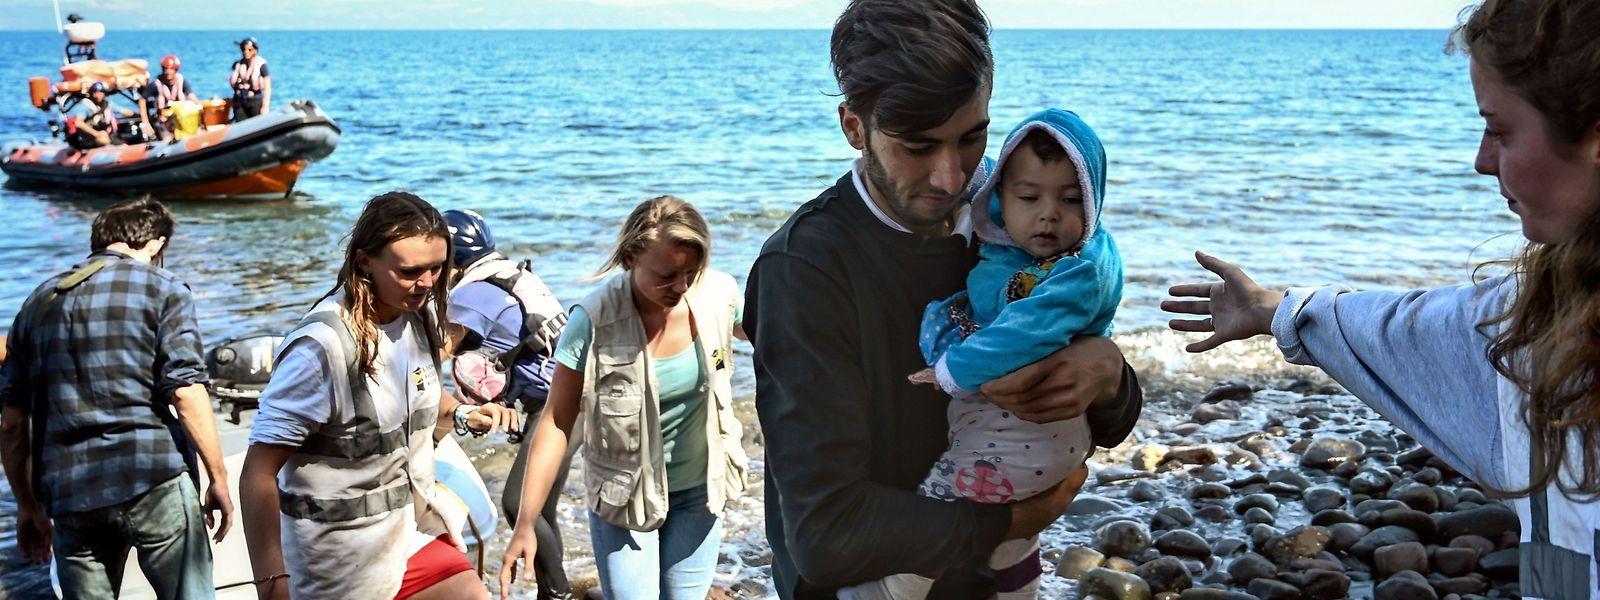 Im August sind doppelt so viele Flüchtlinge und Migranten auf den griechischen Ägäisinseln angekommen wie im Vorjahr.